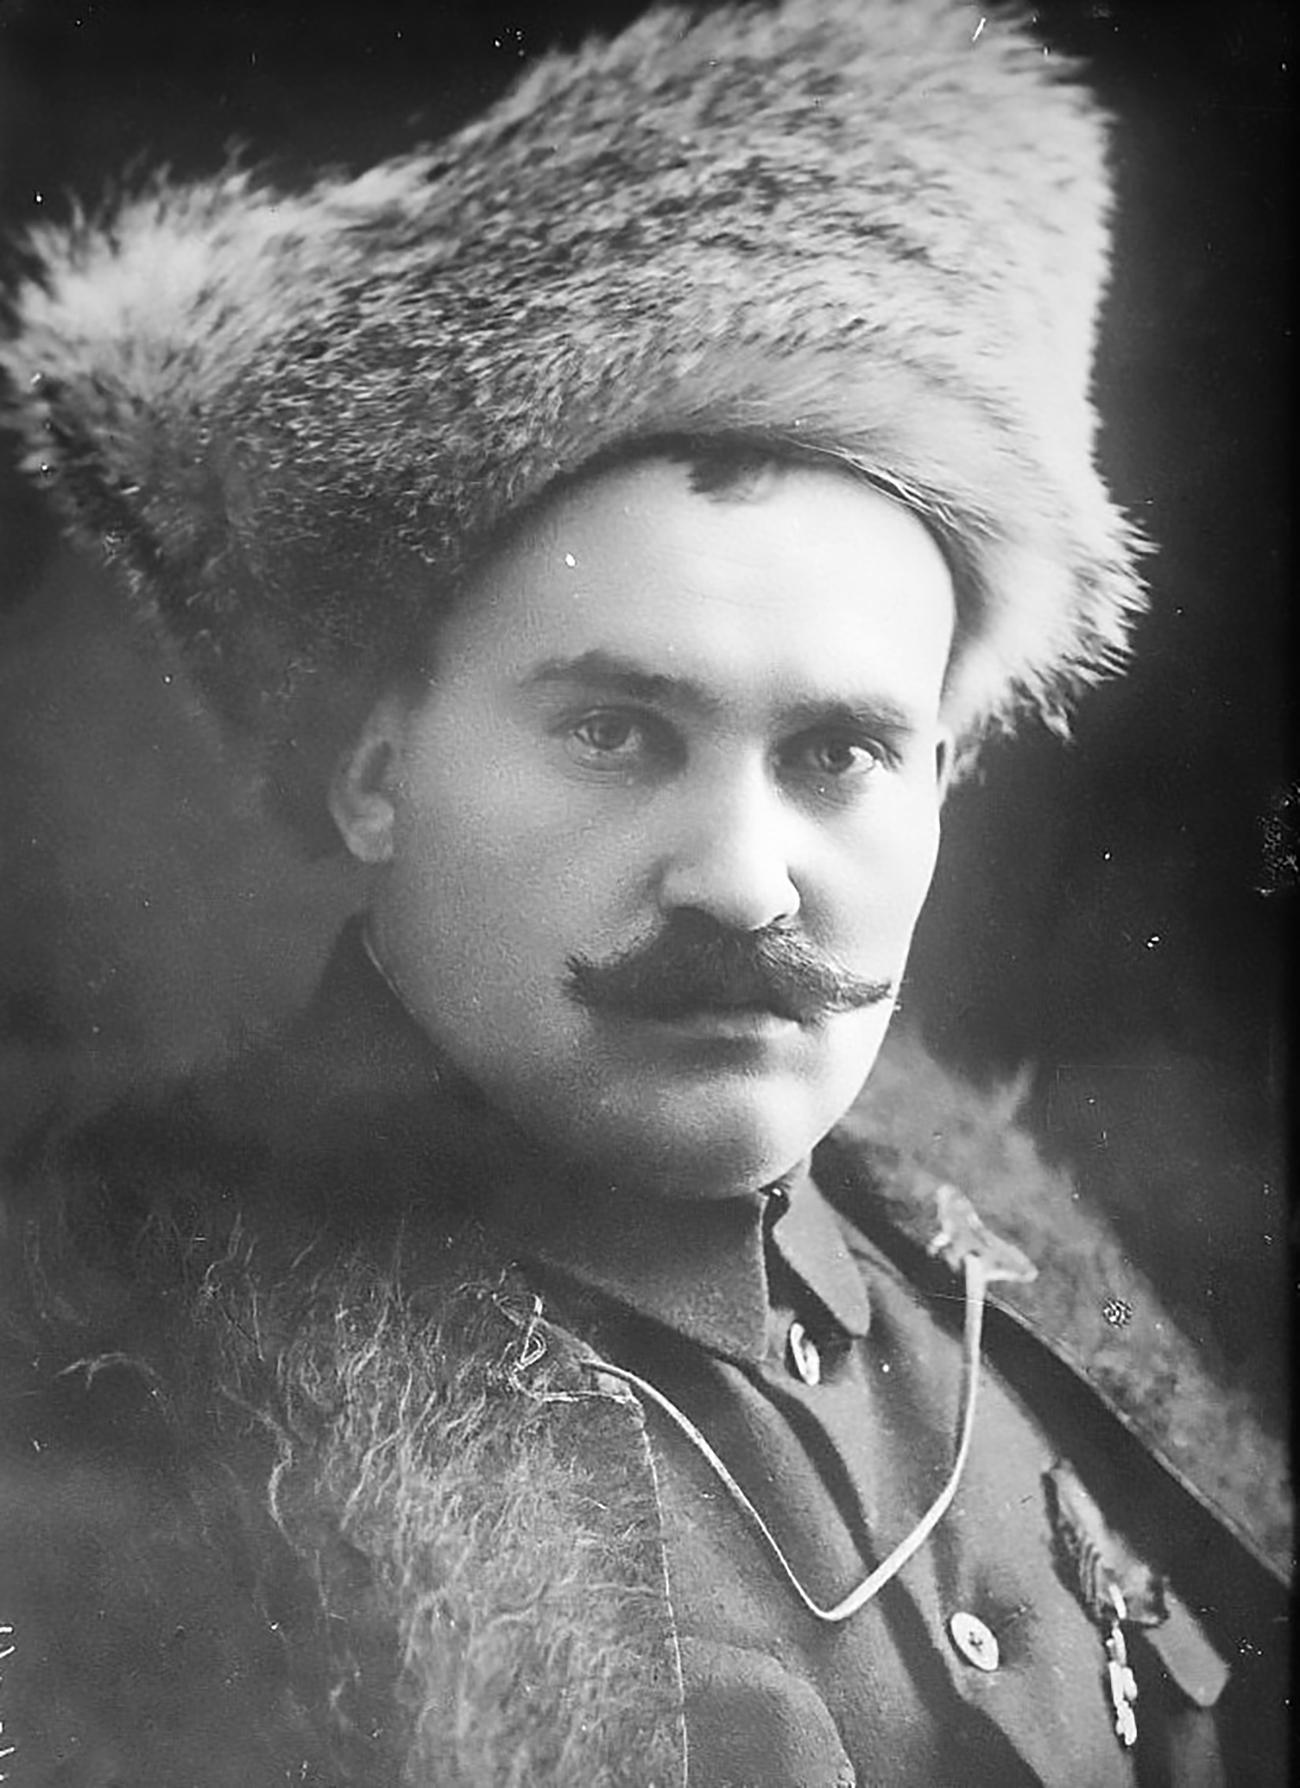 Ataman Grigory Semyonov / Library of Congress